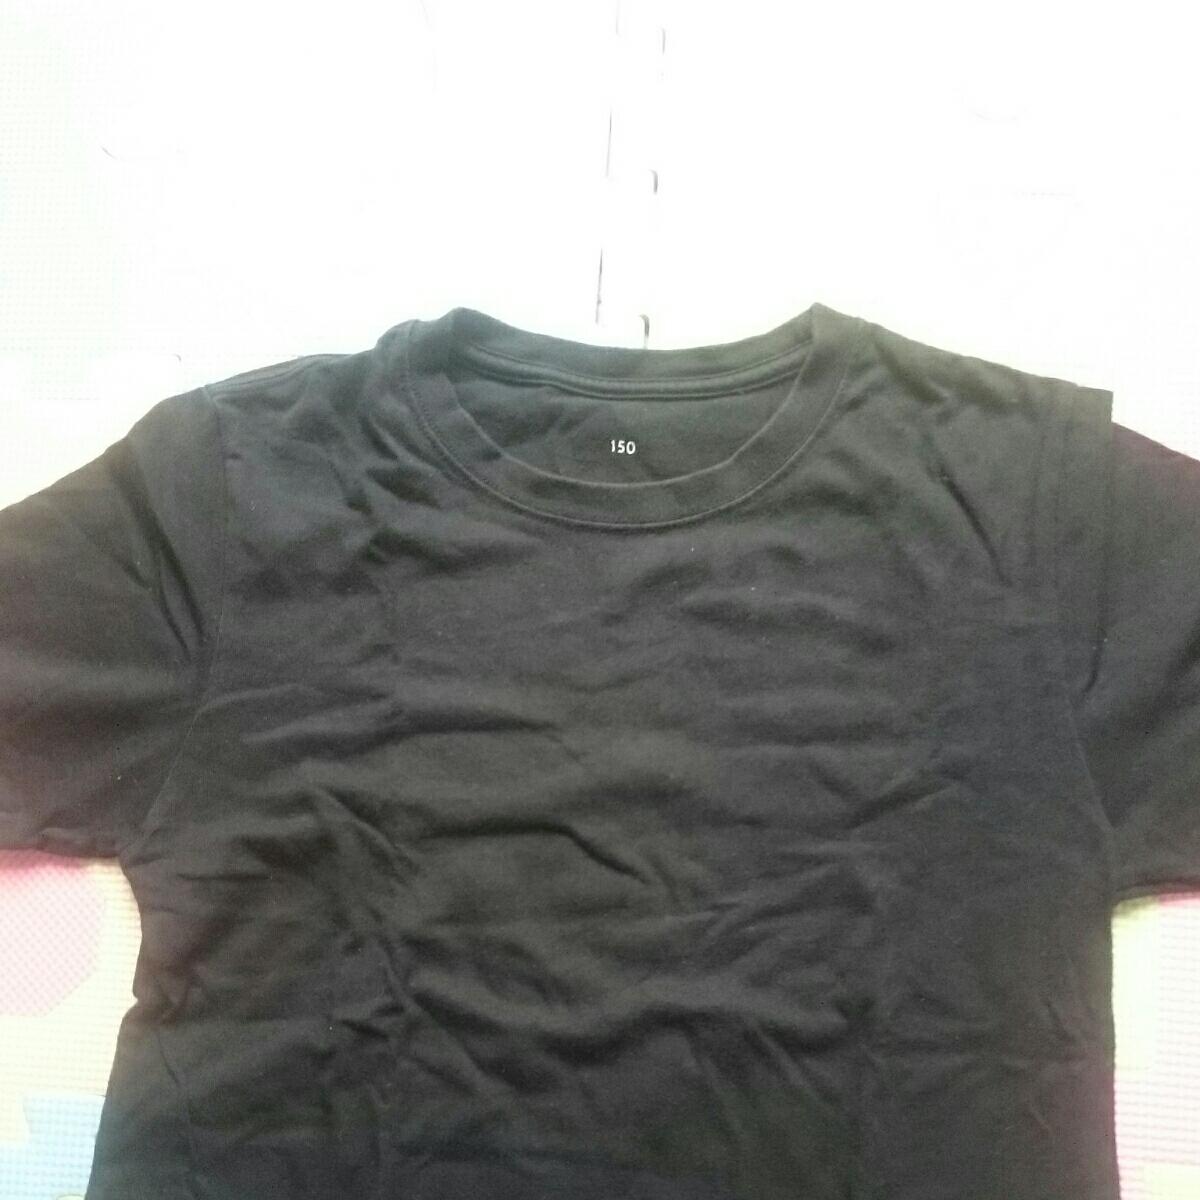 【即決!!】男の子用半そでTシャツ2枚セット 150㎝ ④ブラック2枚 下着/インナーにも_画像3